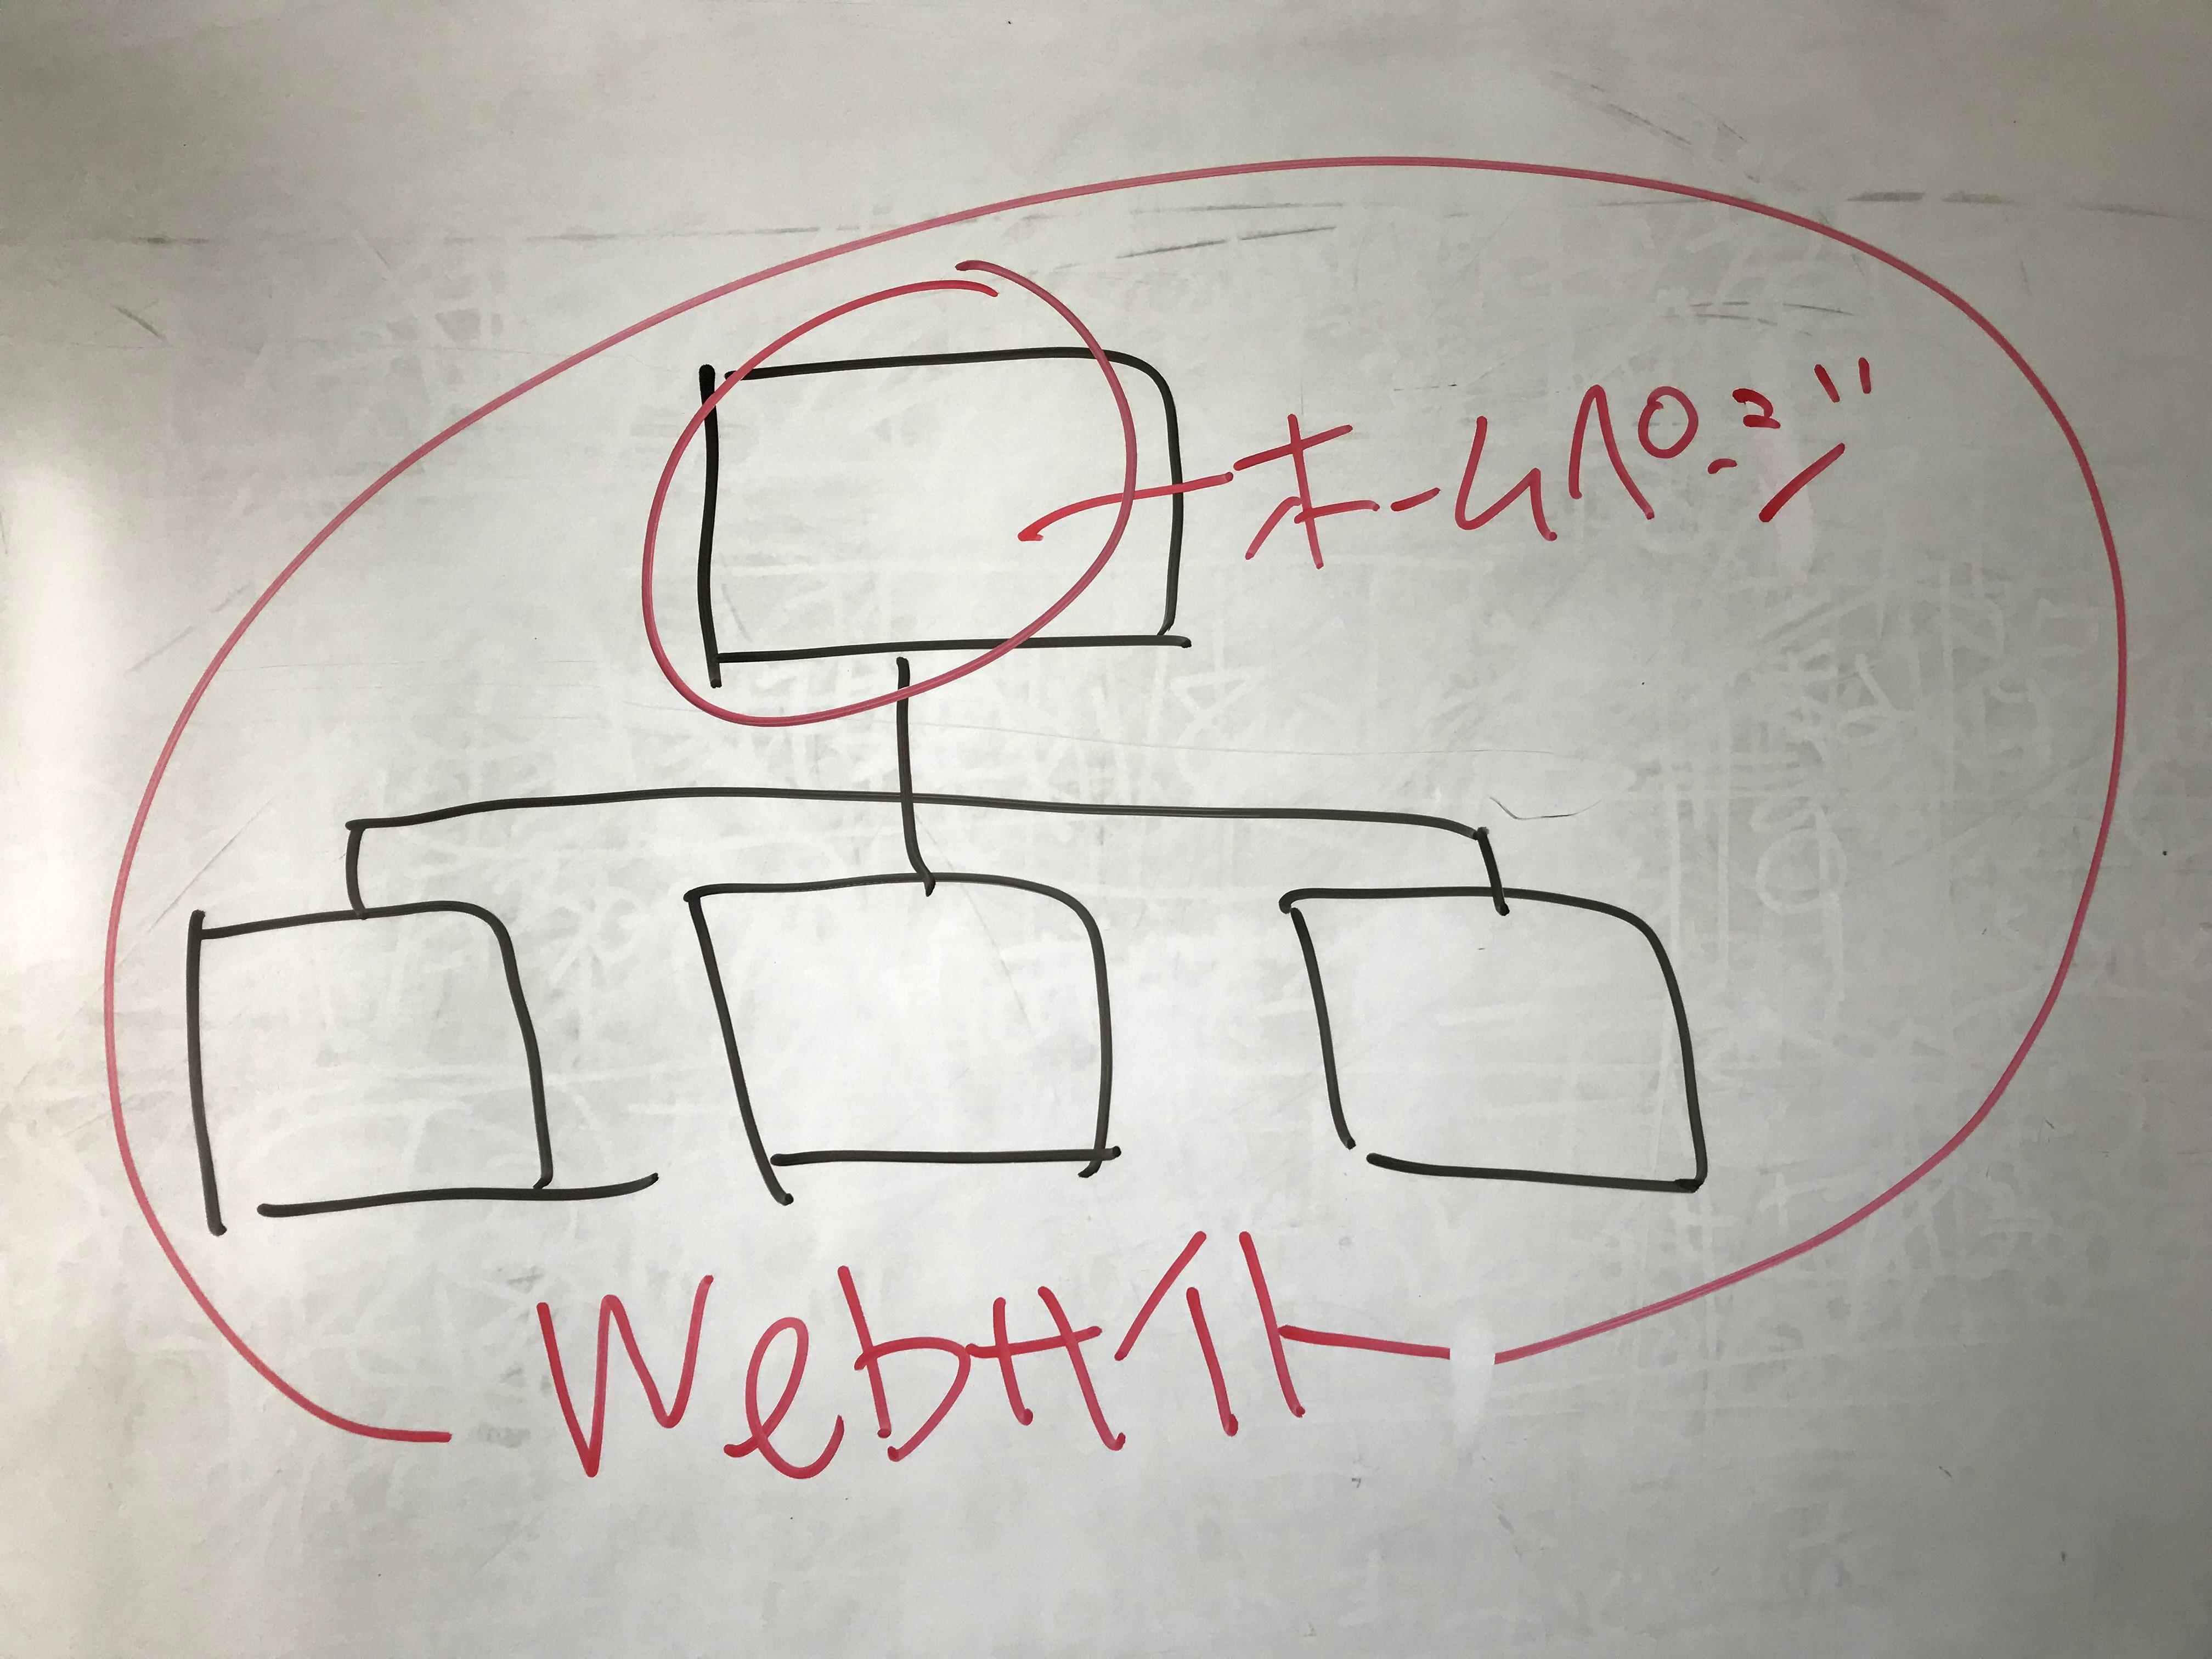 「ホームページ」と「Webサイト」は何が違うの?